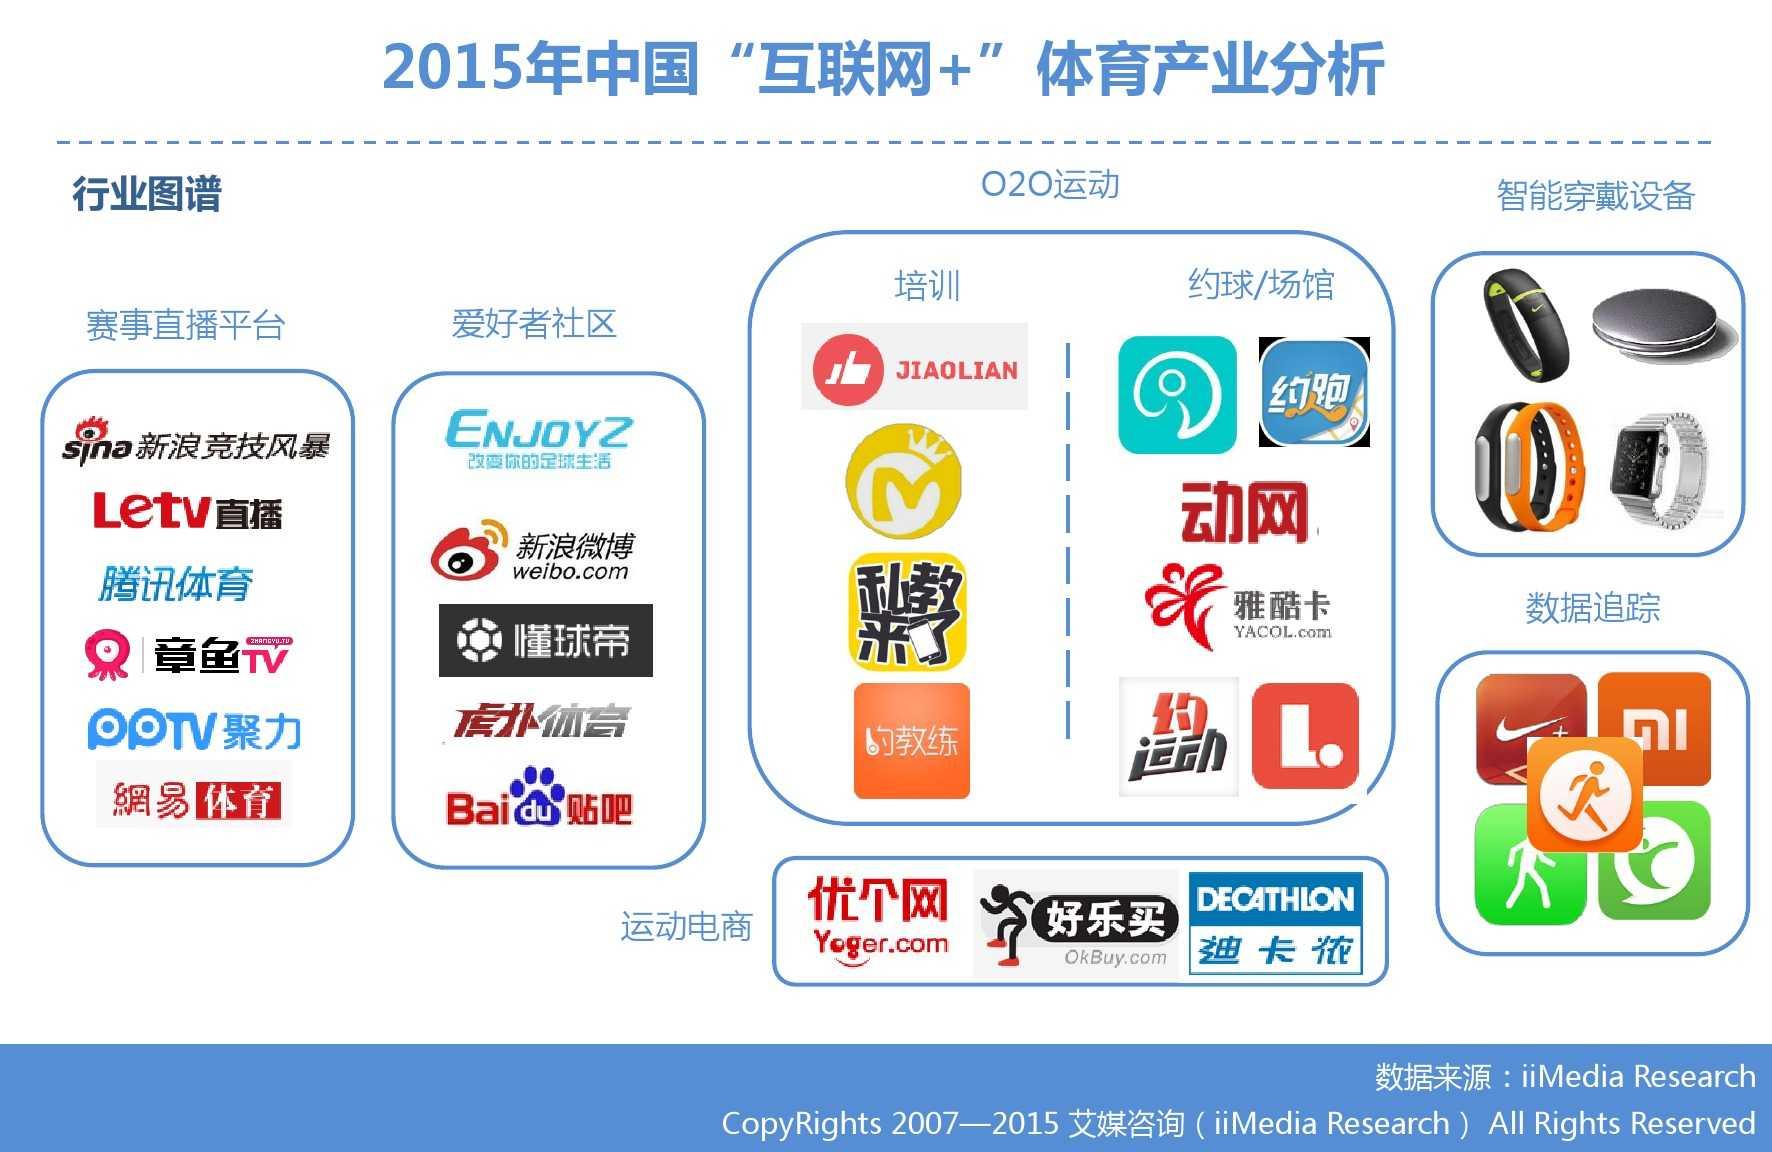 """艾媒咨询:2015年中国""""互联网+""""体育研究_000012"""